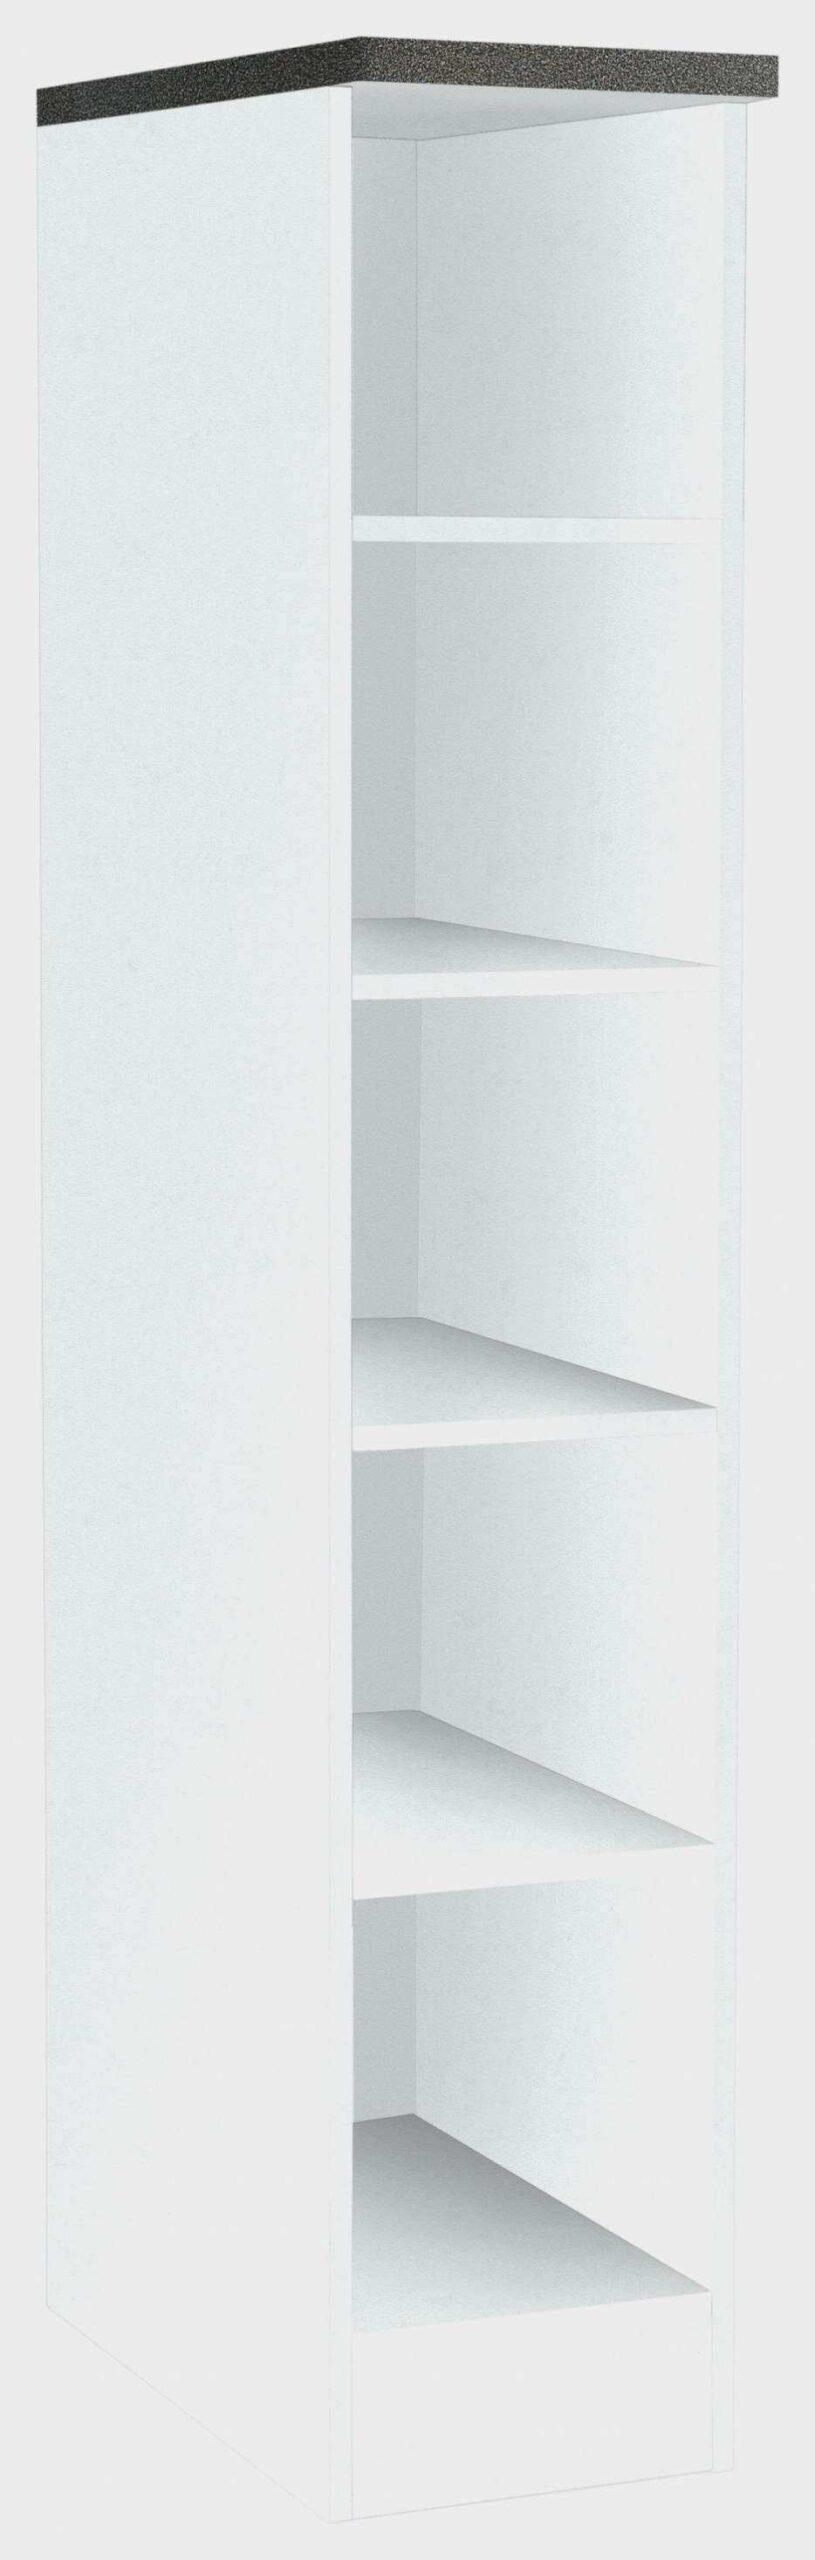 Full Size of Regal 30 Cm Breit Einzigartig 15 Schne Ikea Tolles Regale Für Dachschrägen Schreibtisch Mit Getränkekisten Anfahrschutz Kiefer Weiß Hochglanz Dachschräge Regal Regal 30 Cm Breit